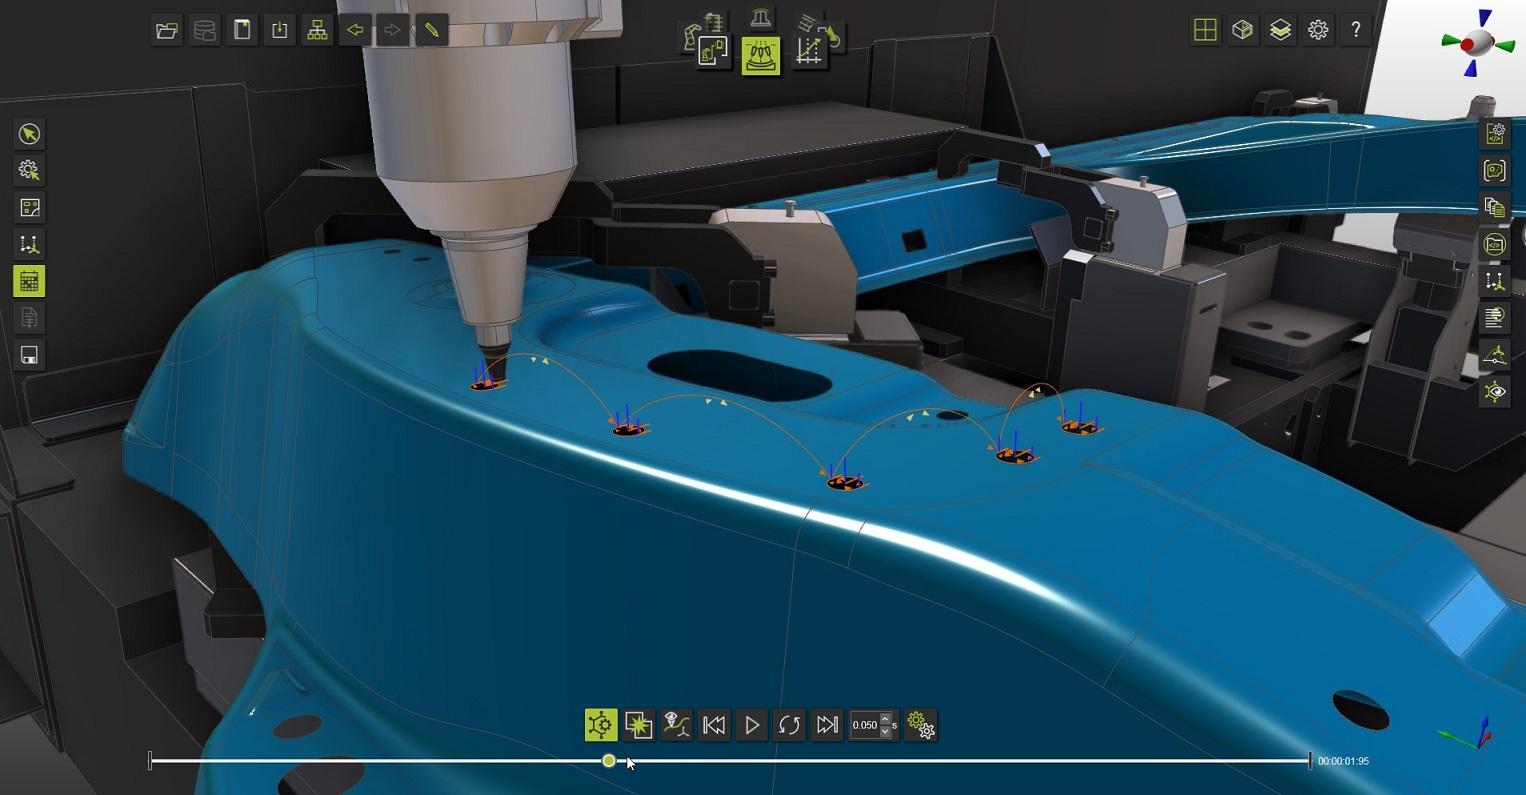 CENIT lance la nouvelle version de la plate-forme de simulation 3D FASTSUITE E2